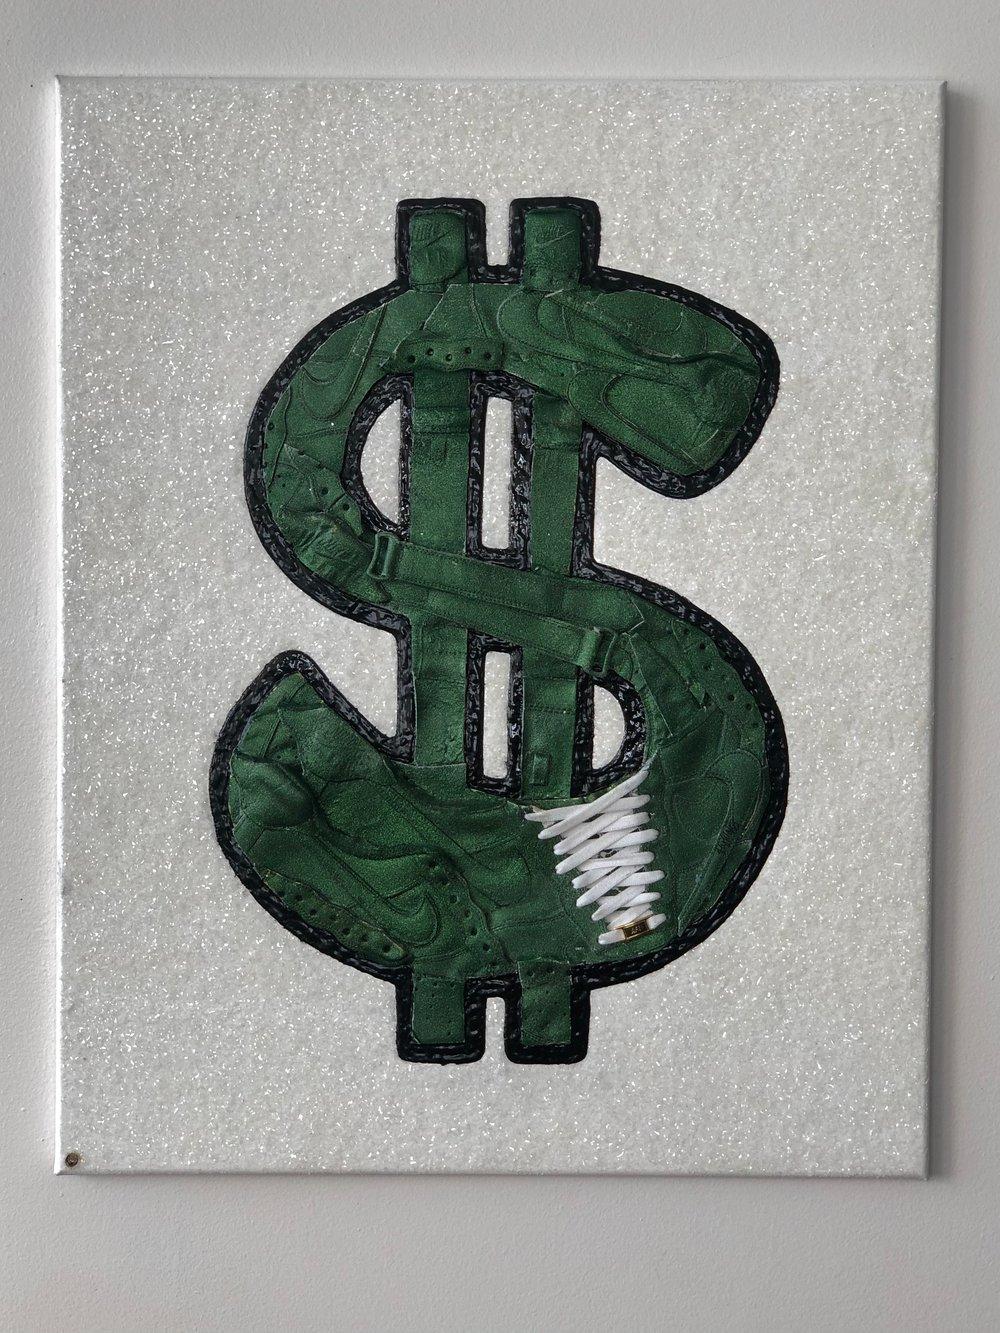 Sole of a Dollar